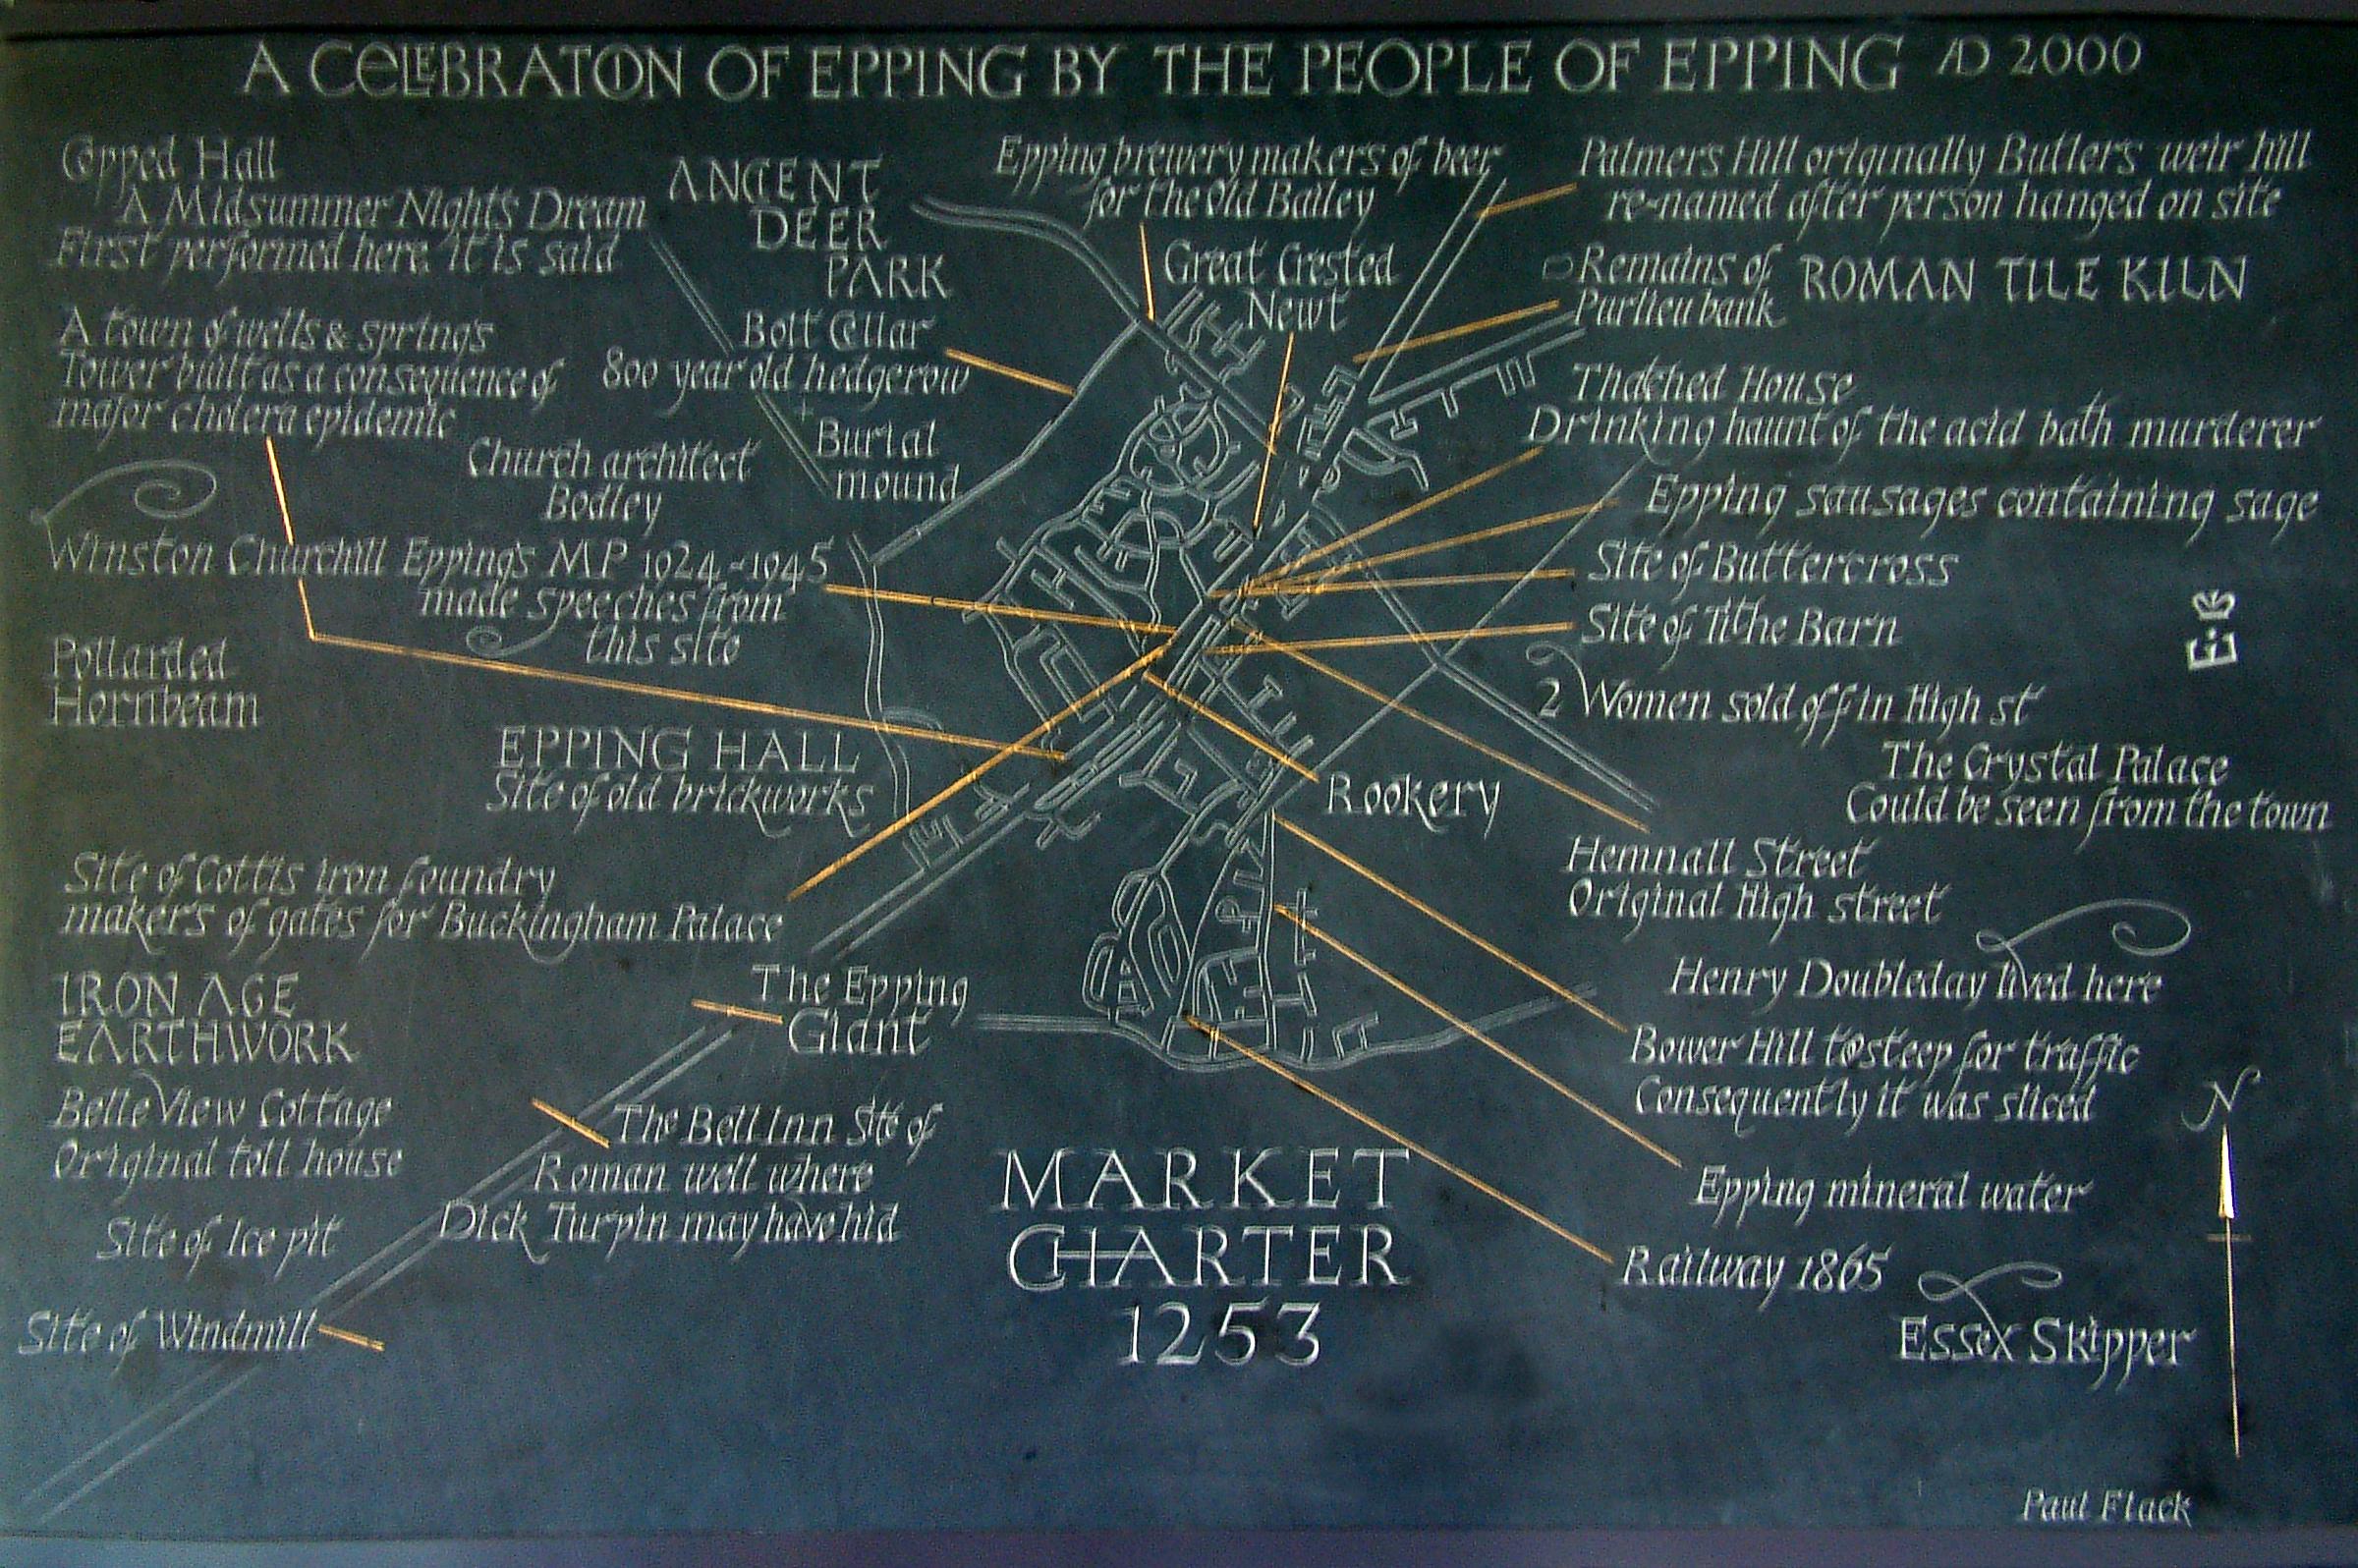 Slate Market Charter 1253.jpg